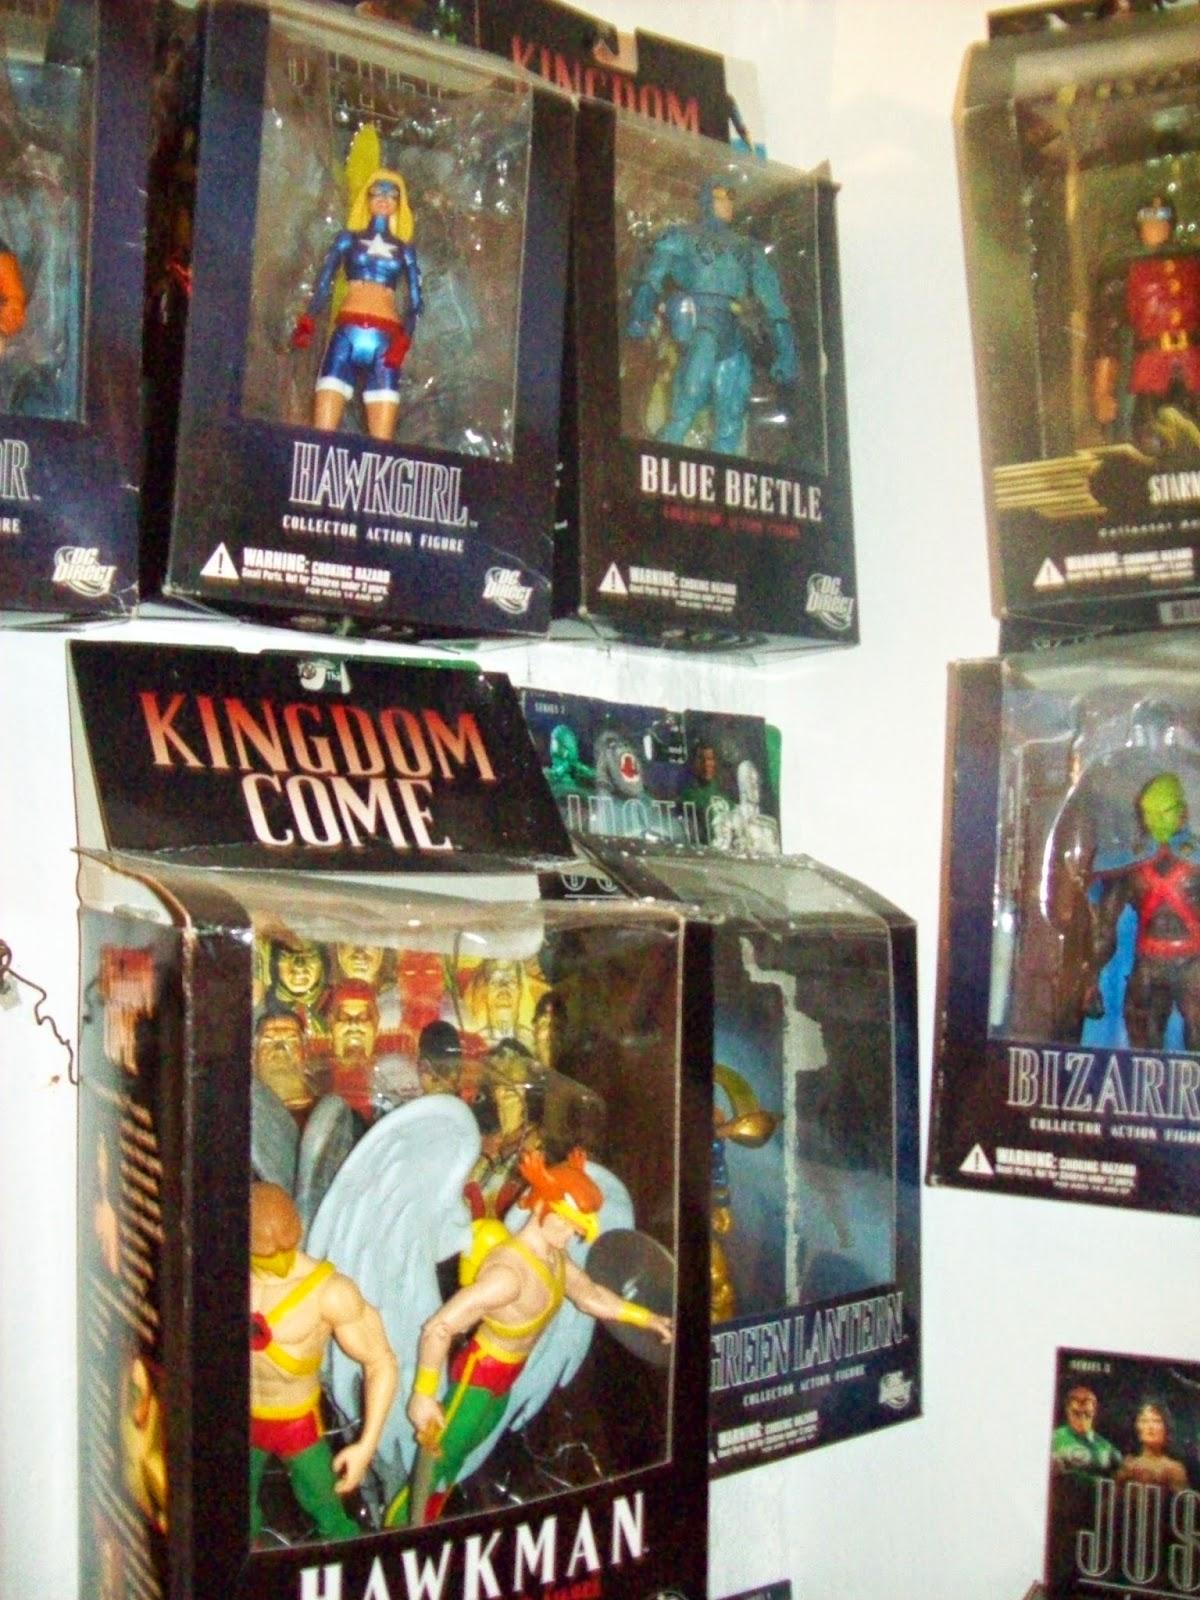 [COMICS] Colecciones de Comics ¿Quién la tiene más grande?  - Página 6 100_5483